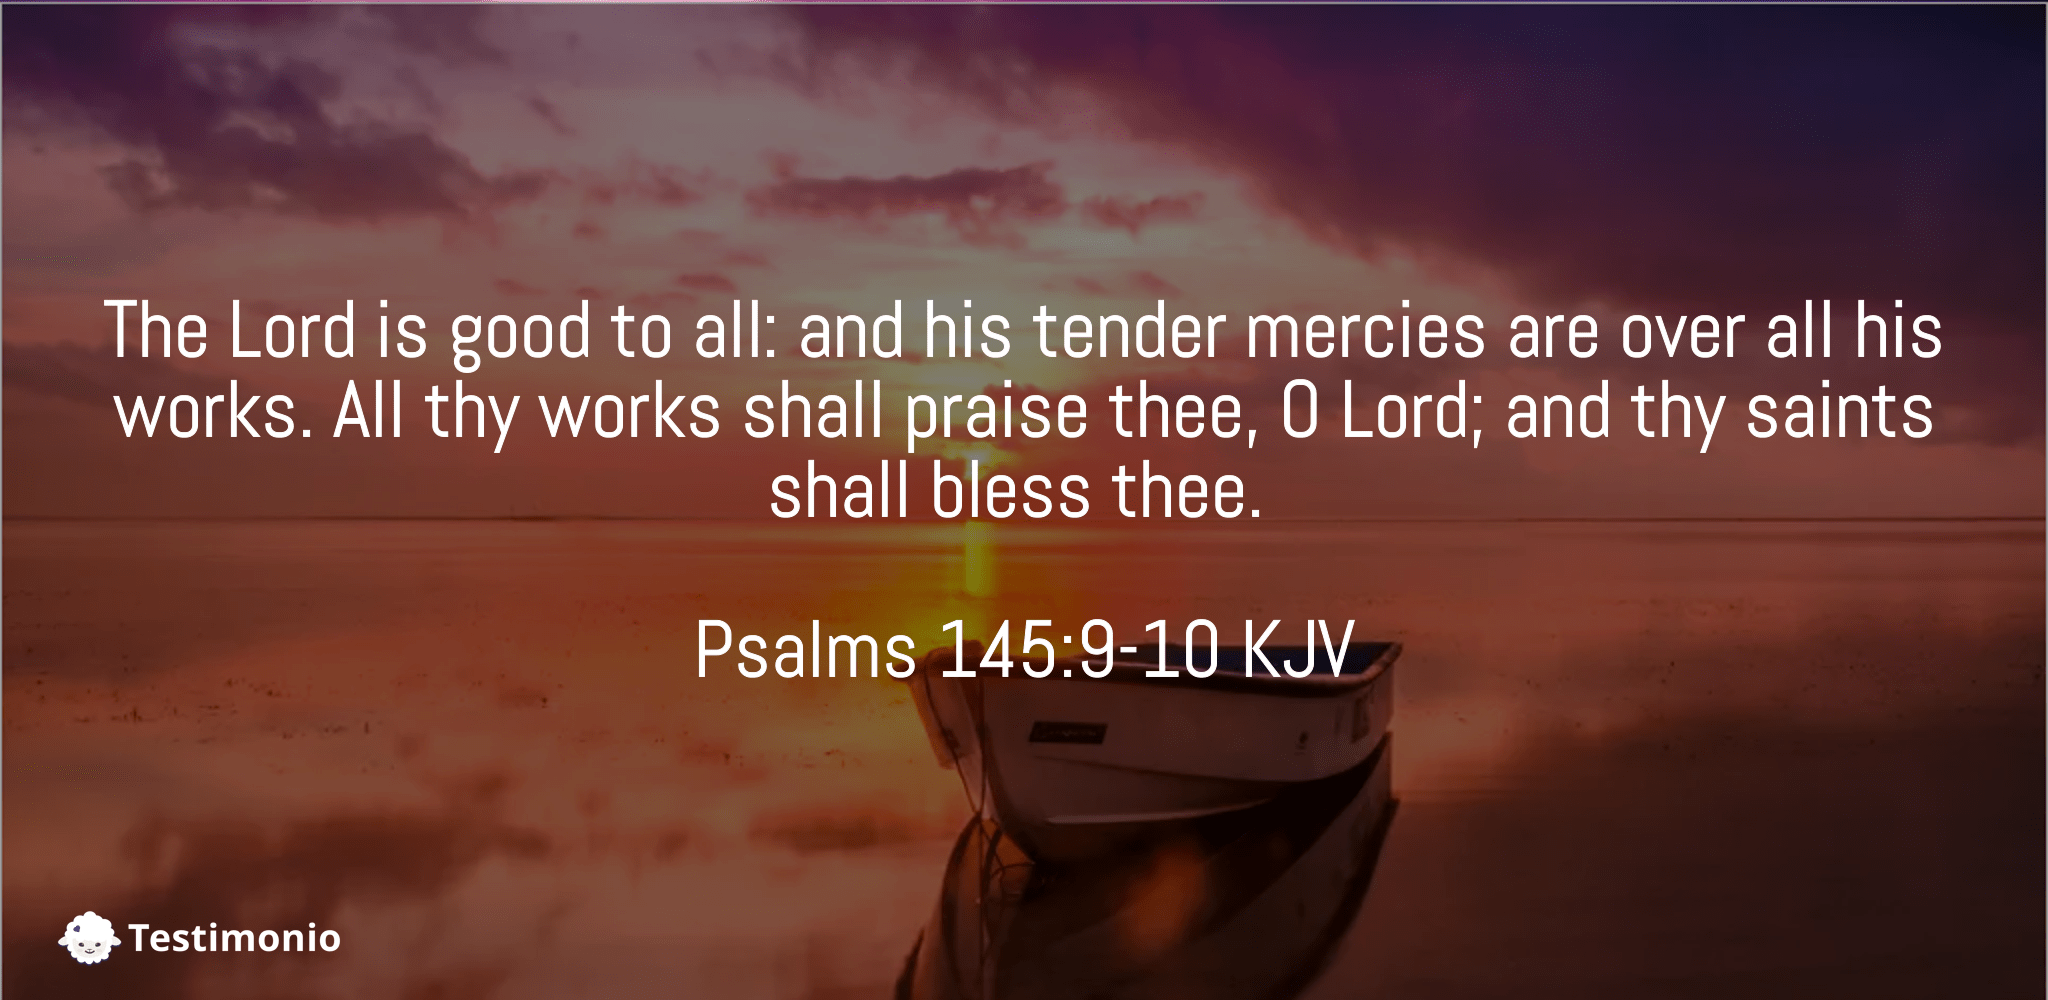 Psalms 145:9-10